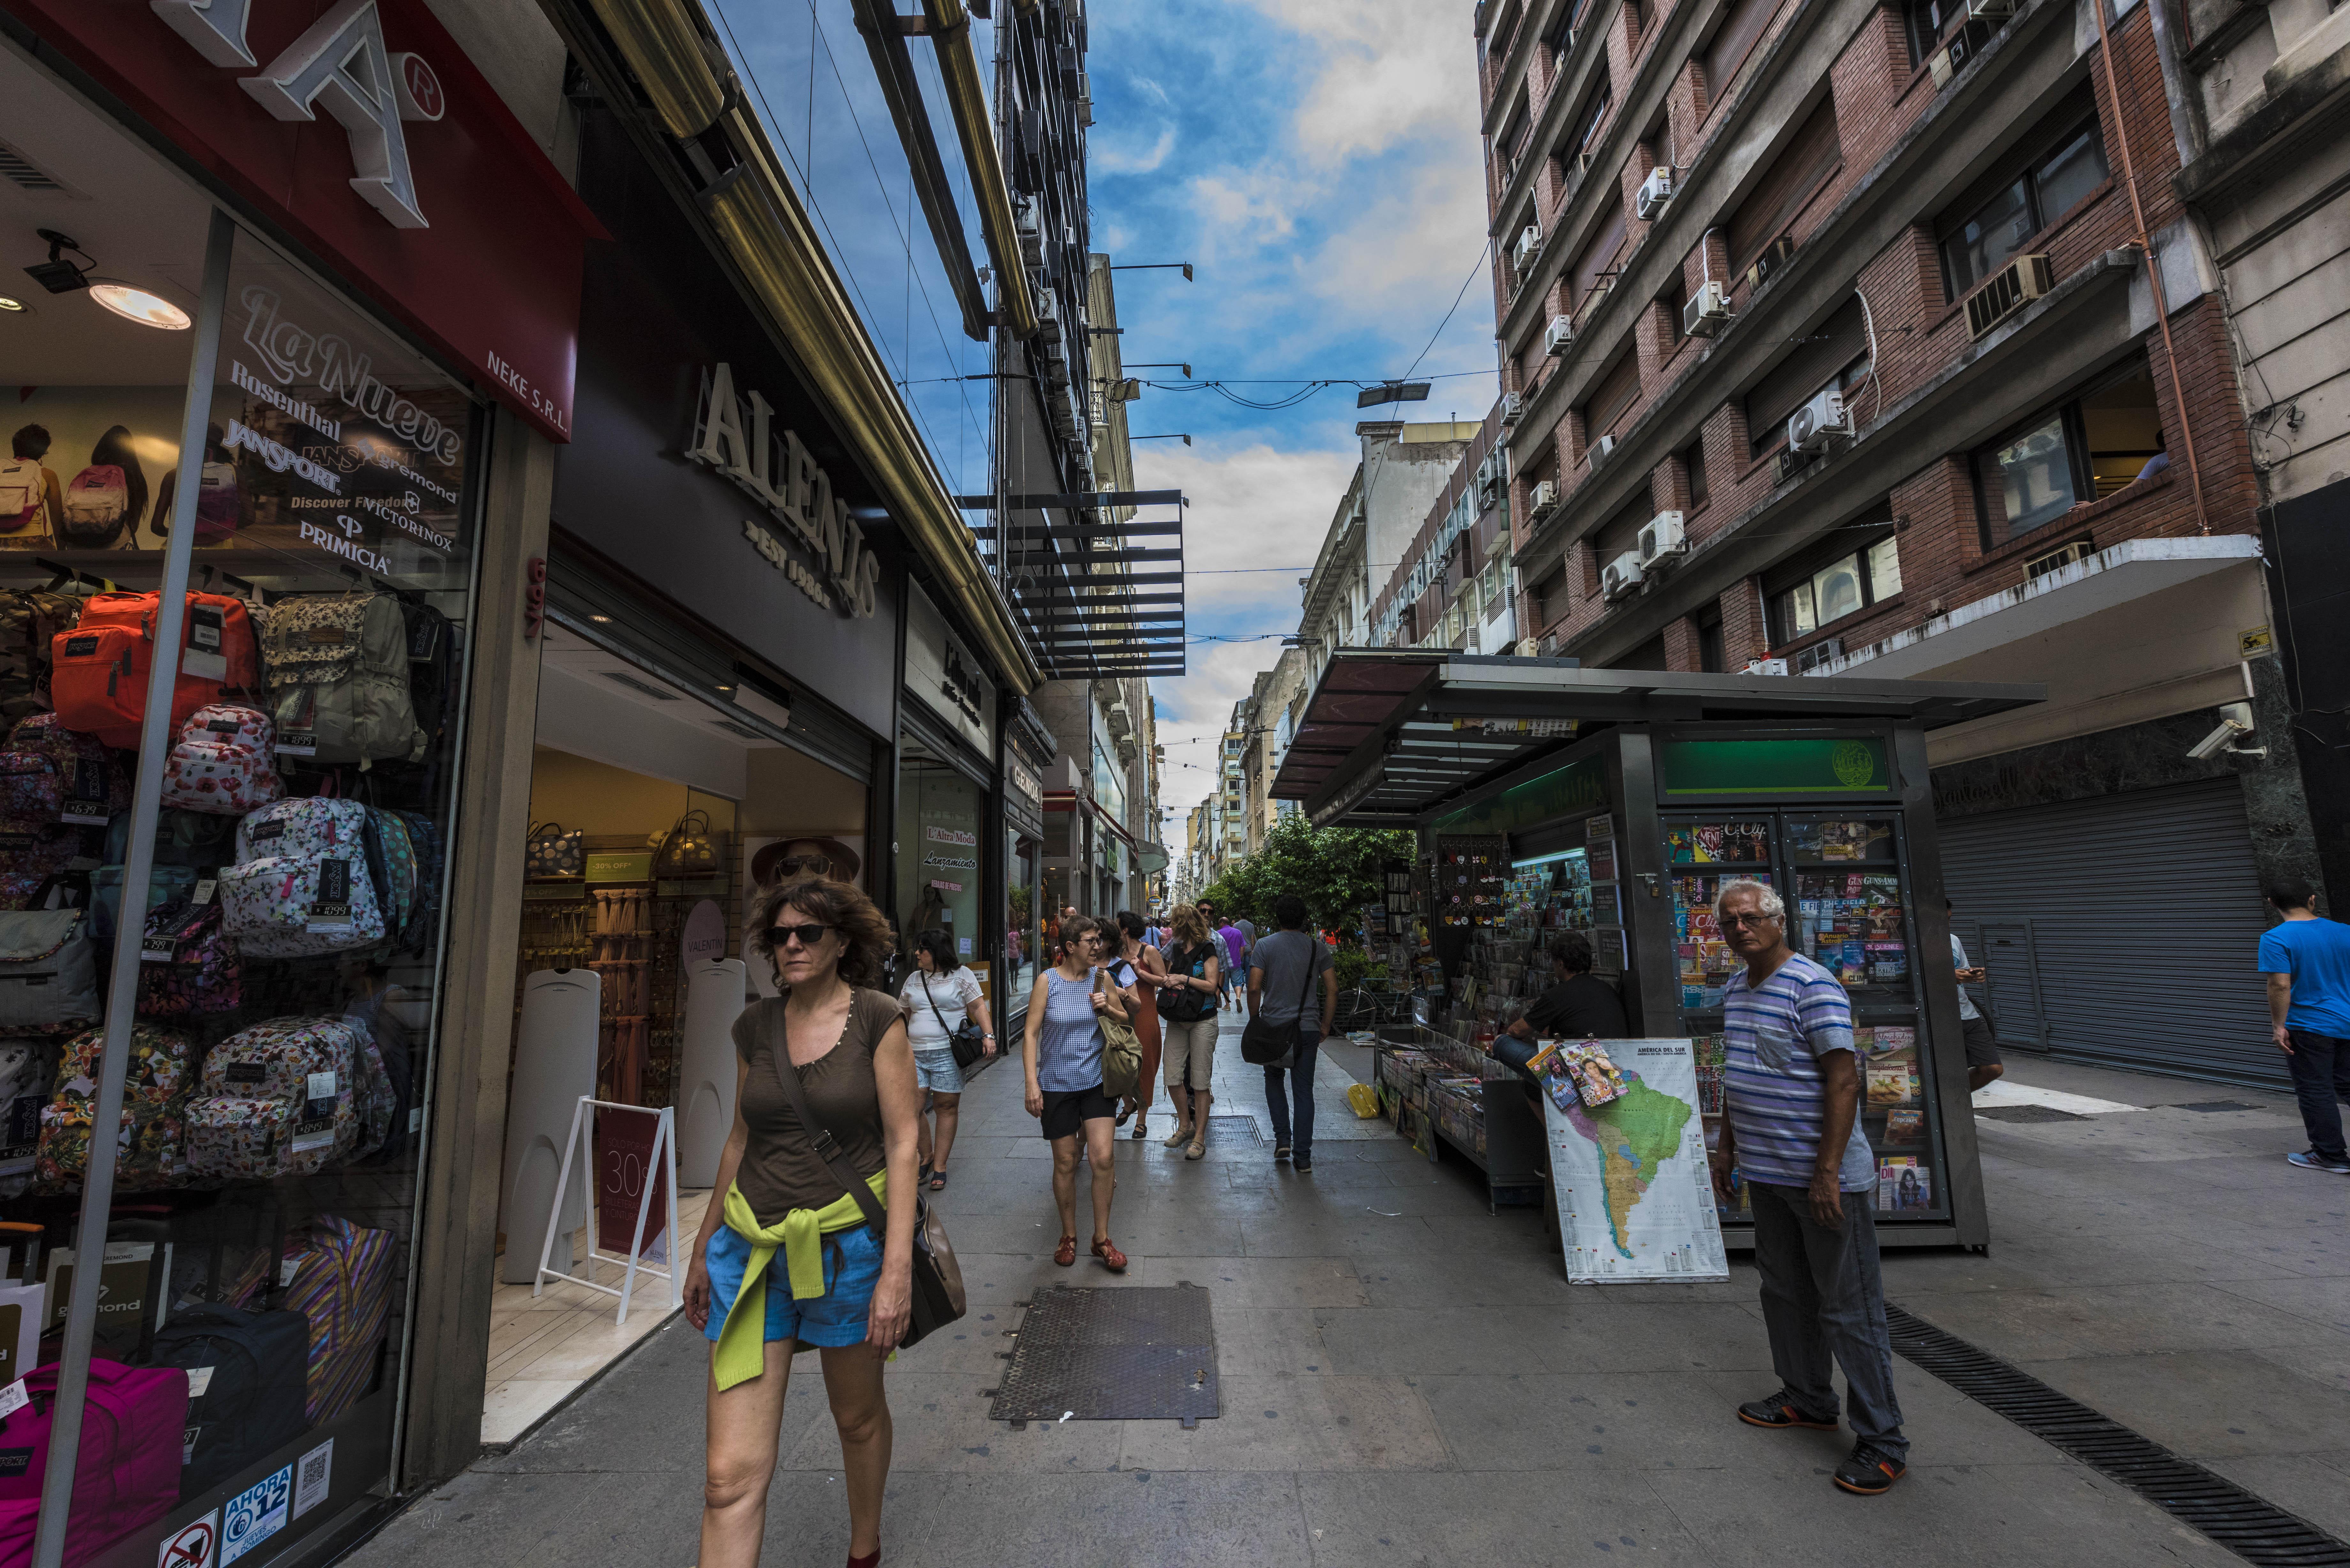 雨中漫步世界上最宽的大街——七九大道